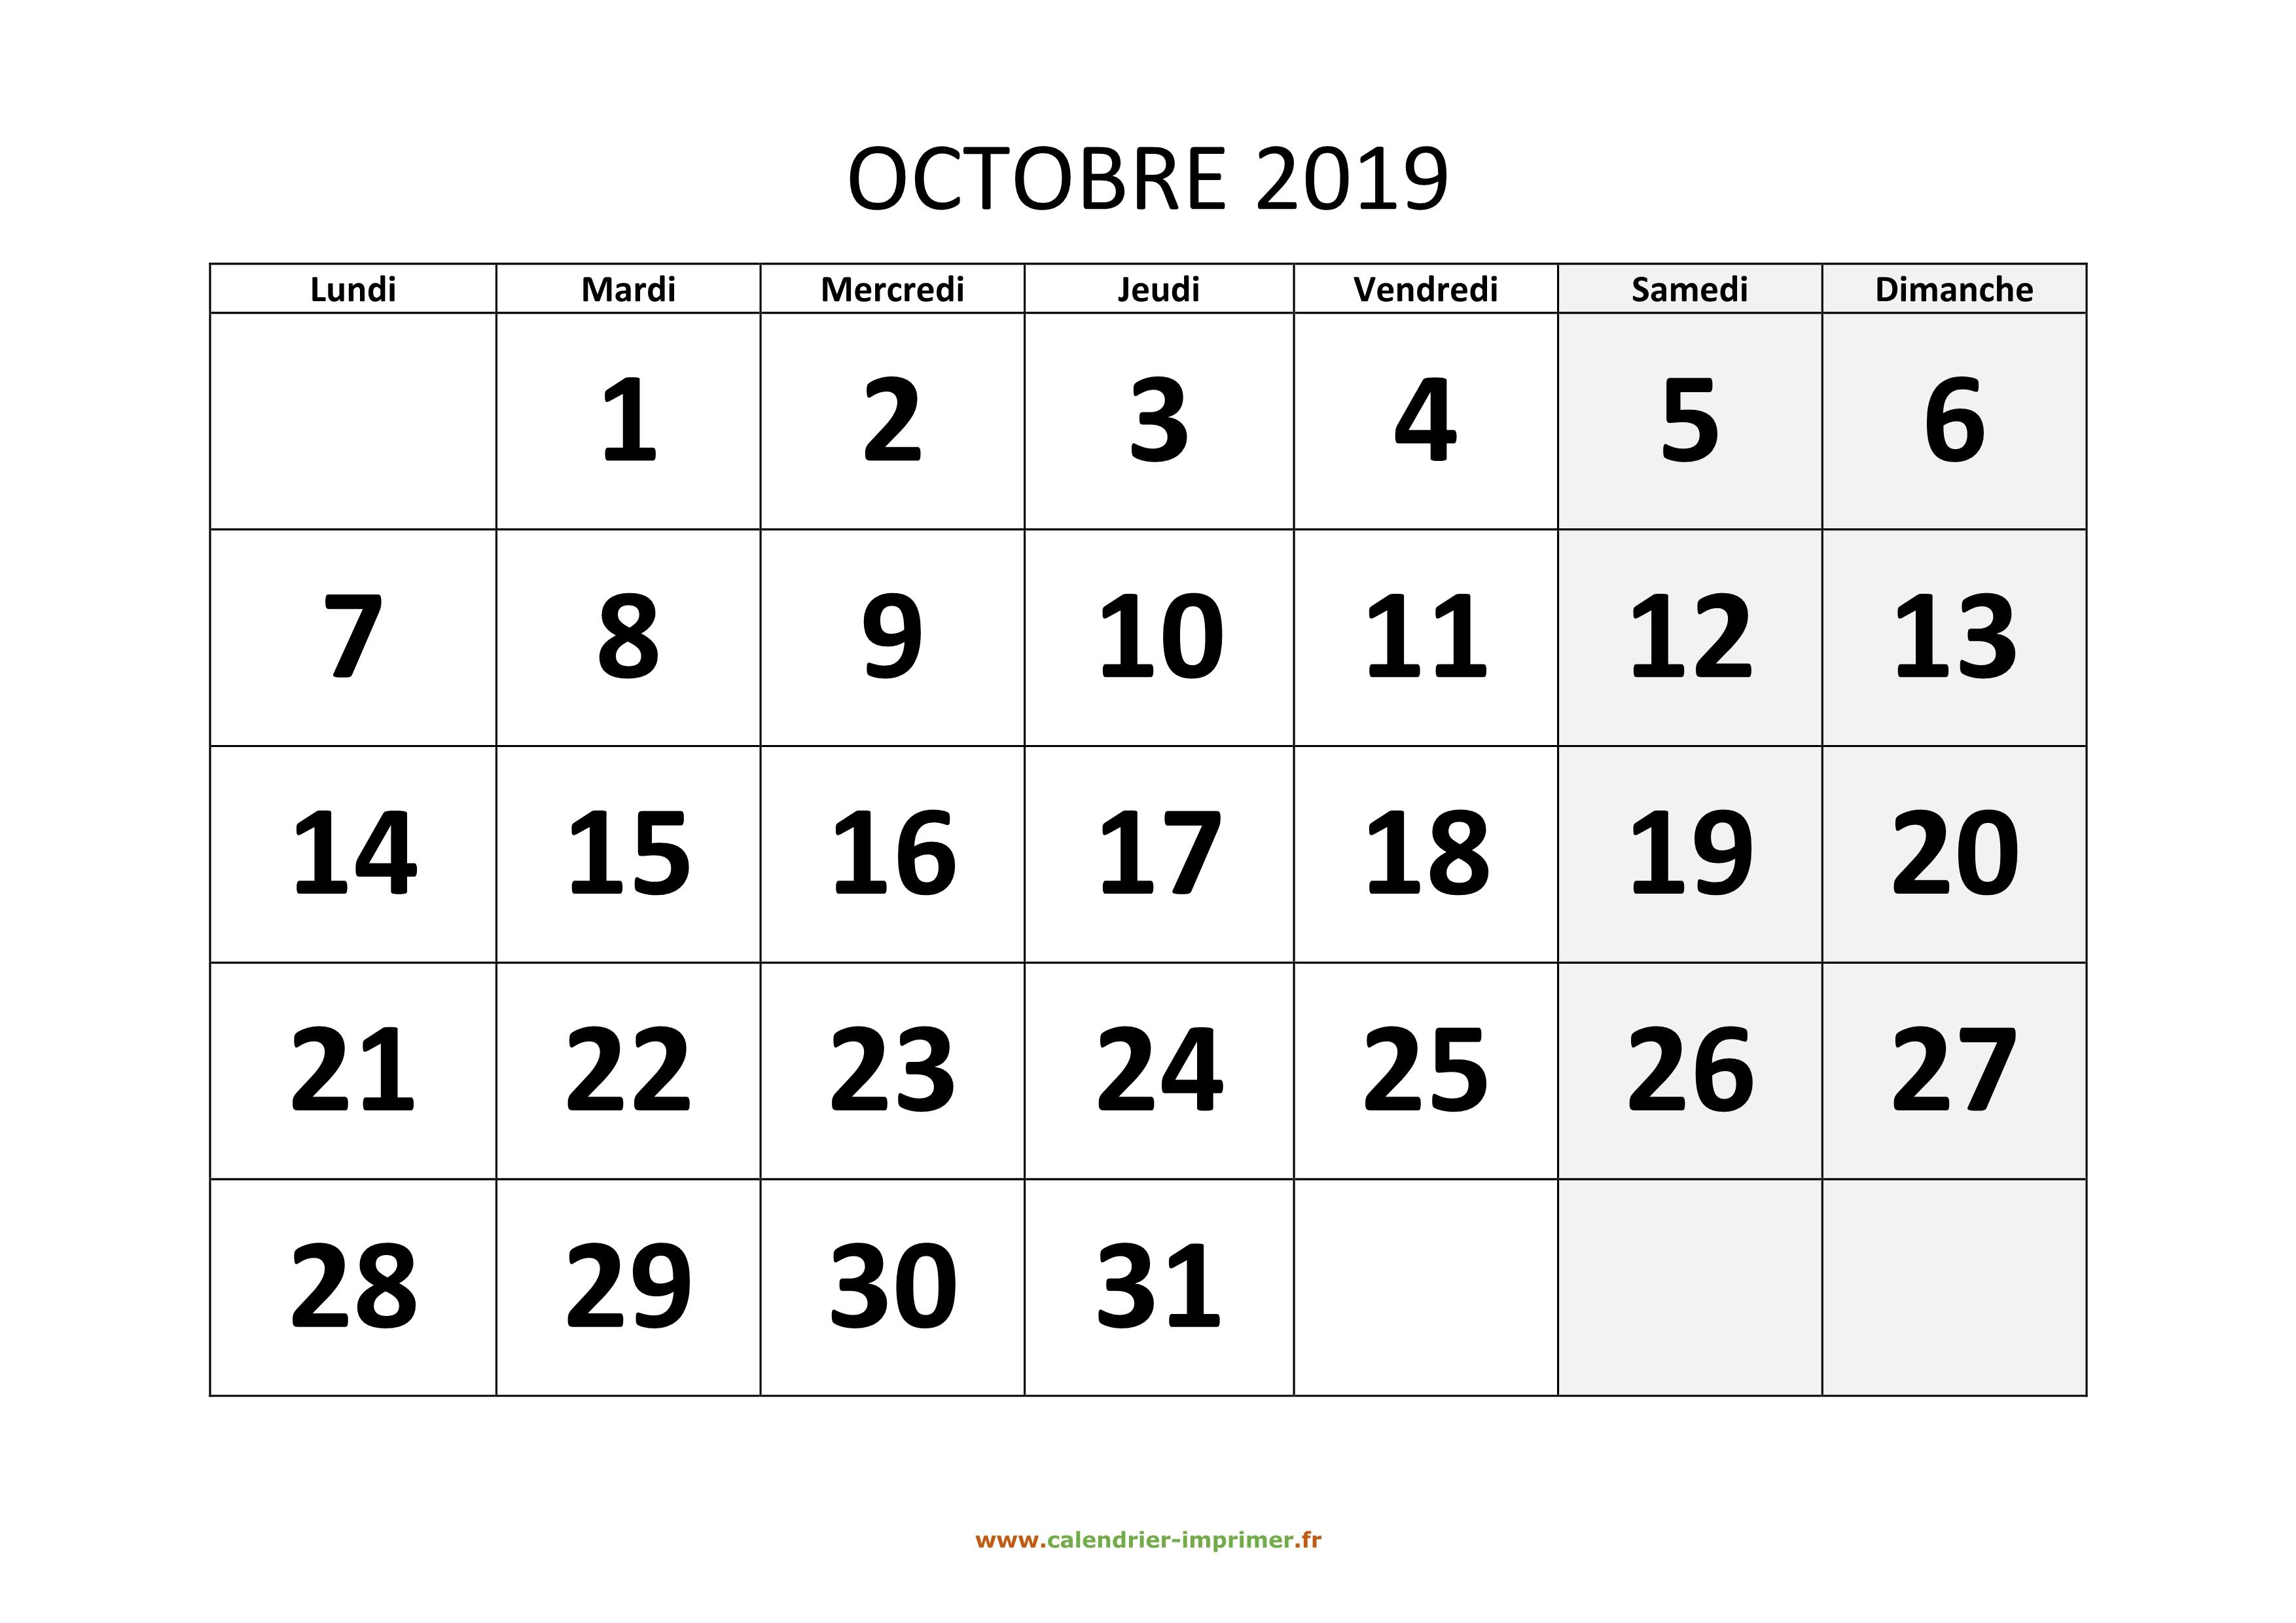 Calendrier 2019 Mois Par Mois A Imprimer.Calendrier Octobre 2019 A Imprimer